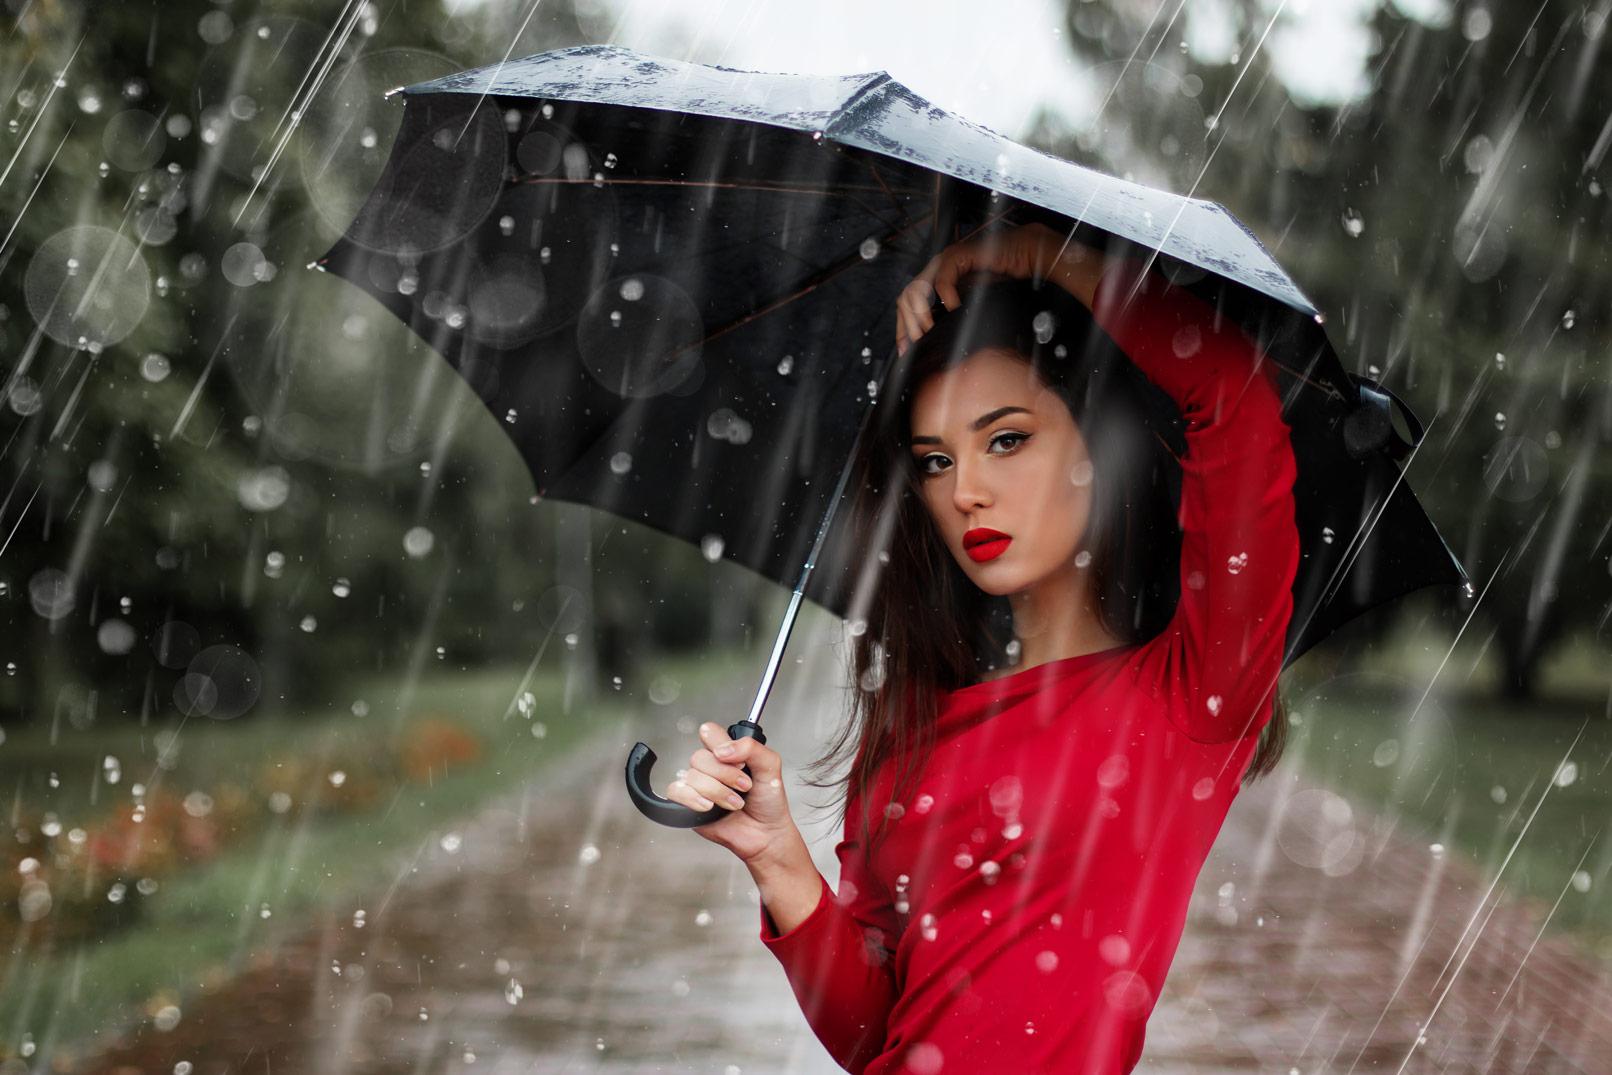 Donnerwetter! Regen-Bilder als Overlays für deine Fotos und Composings